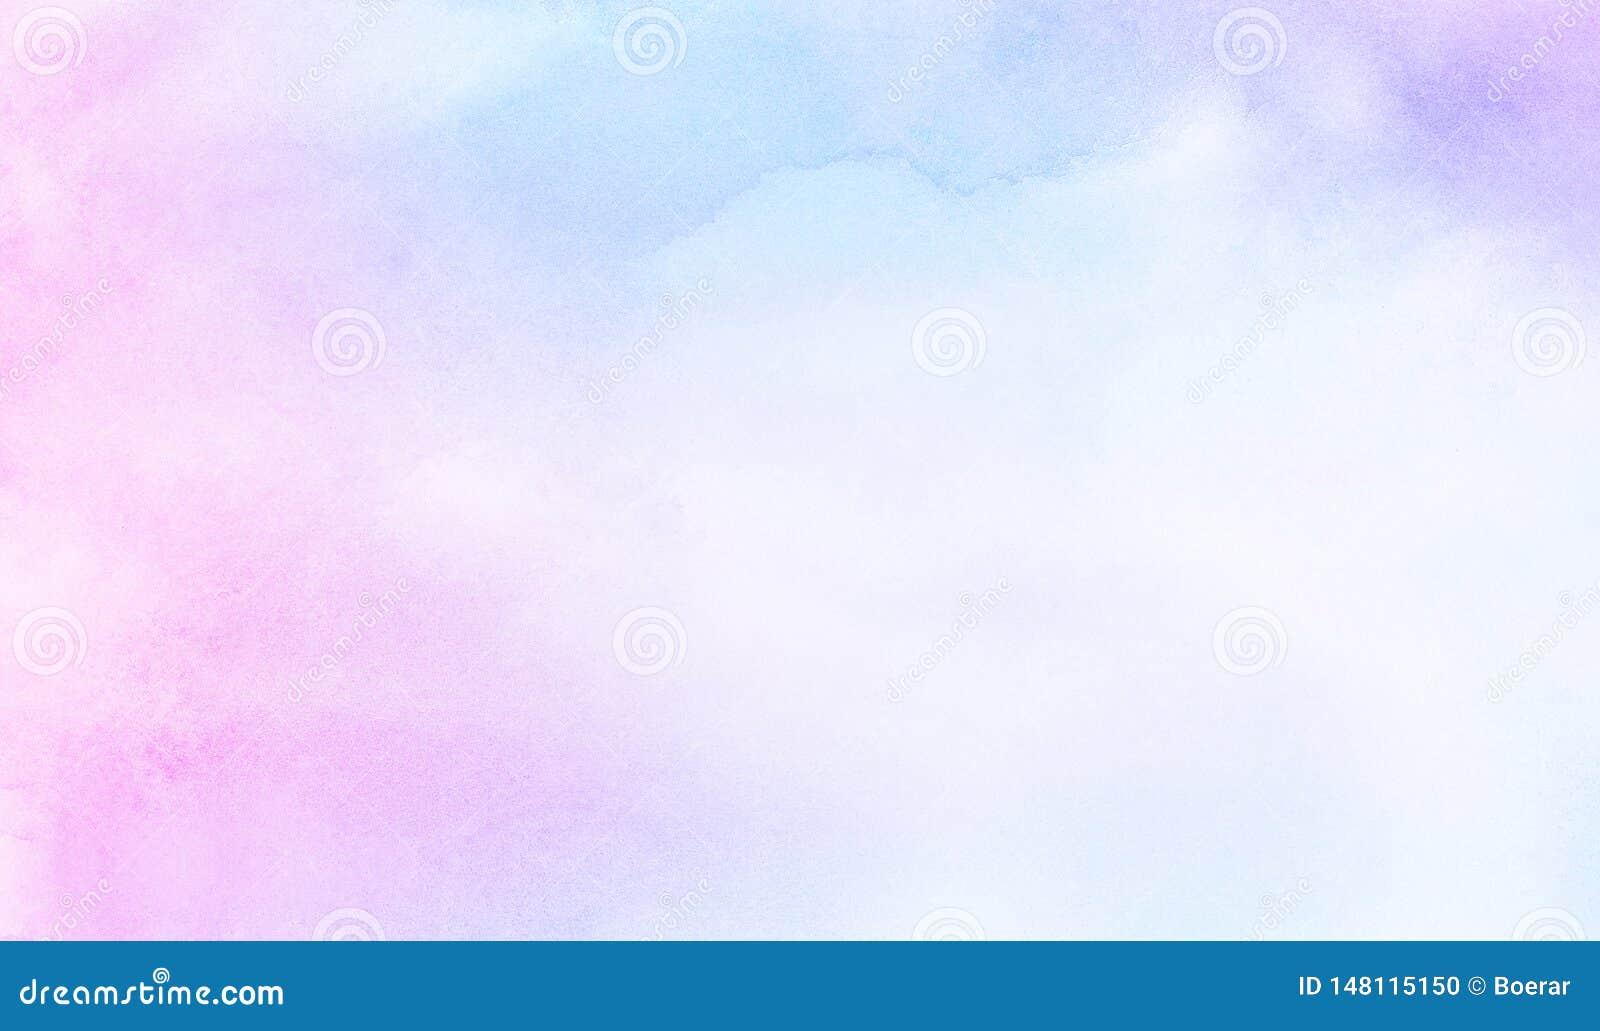 Leichter blauer, purpurroter und rosa Schattenaquarellhintergrund für Weinlesekarte, Retro- Schablone